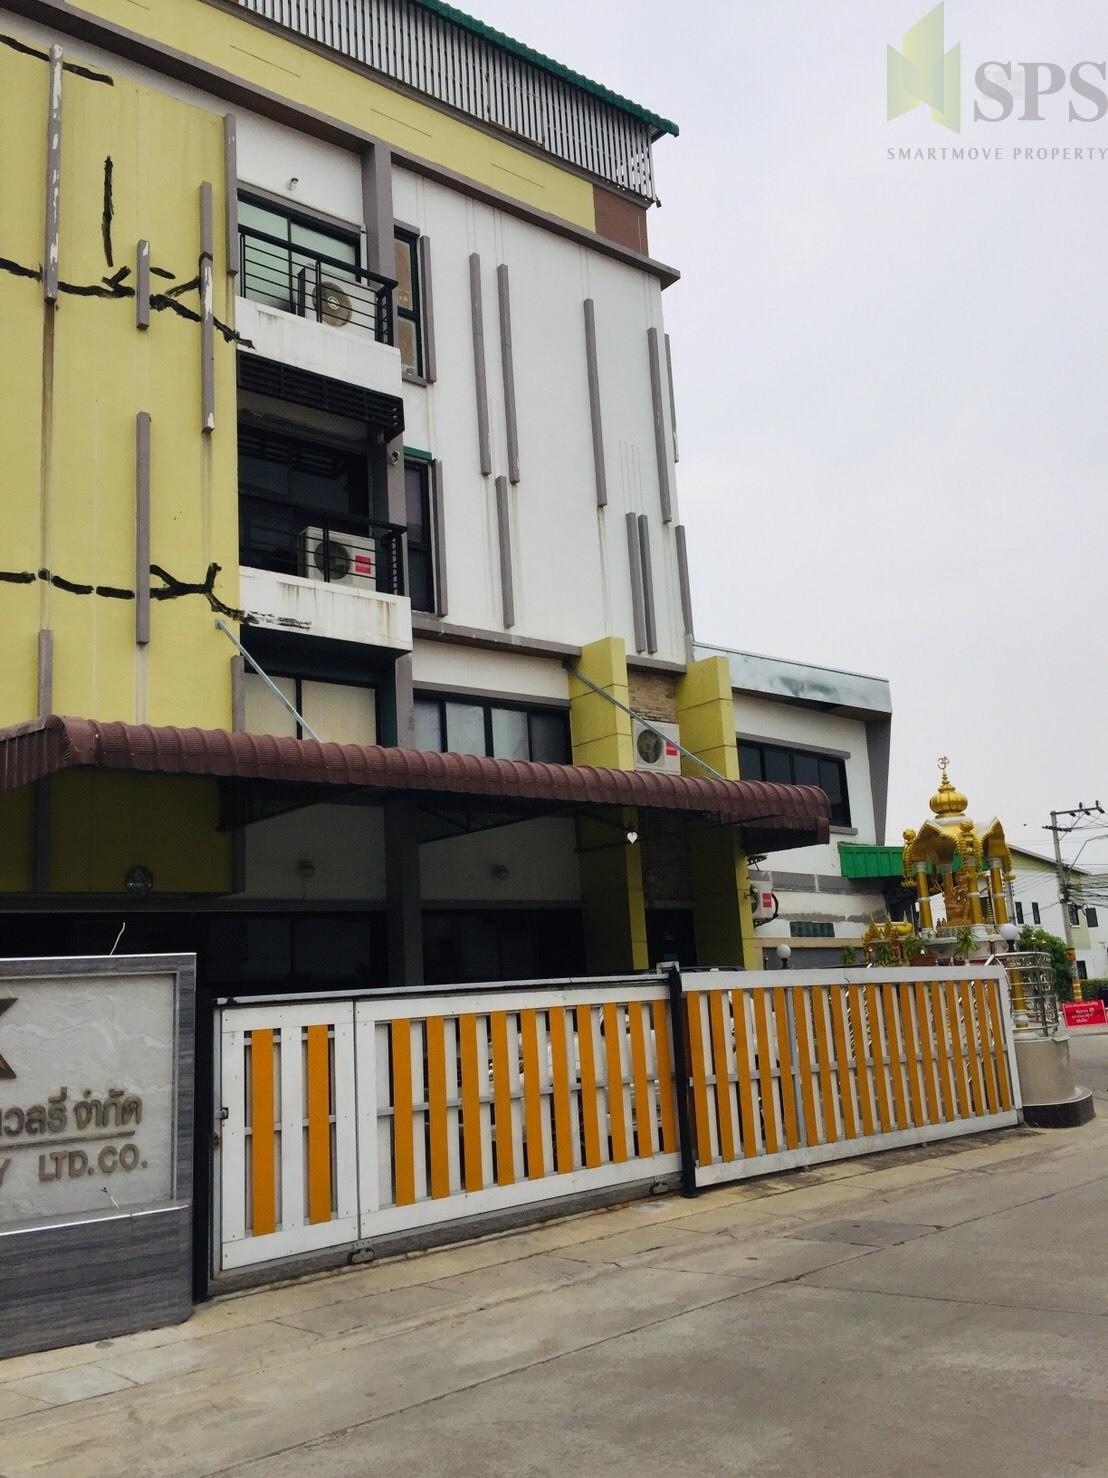 ขาย อาคารพาณิชย์ 3 ชั้น 115 ตารางวา ดิเอ็นเทอร์คลิก กิ่งแก้ว 25/1 (SPS-GW161)